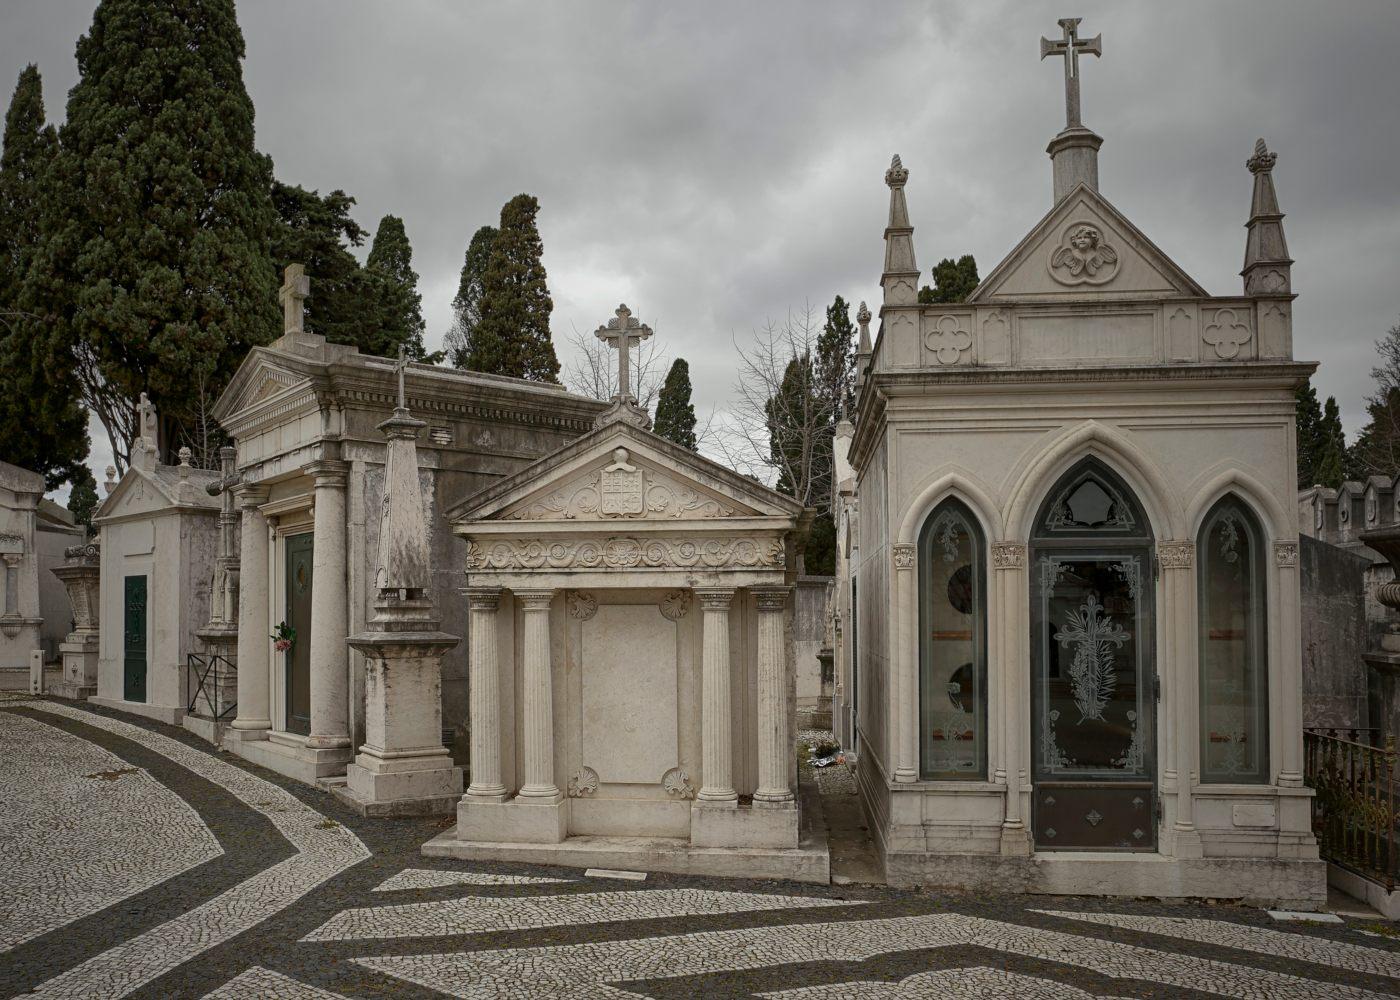 Cemitério histórico dos Prazeres